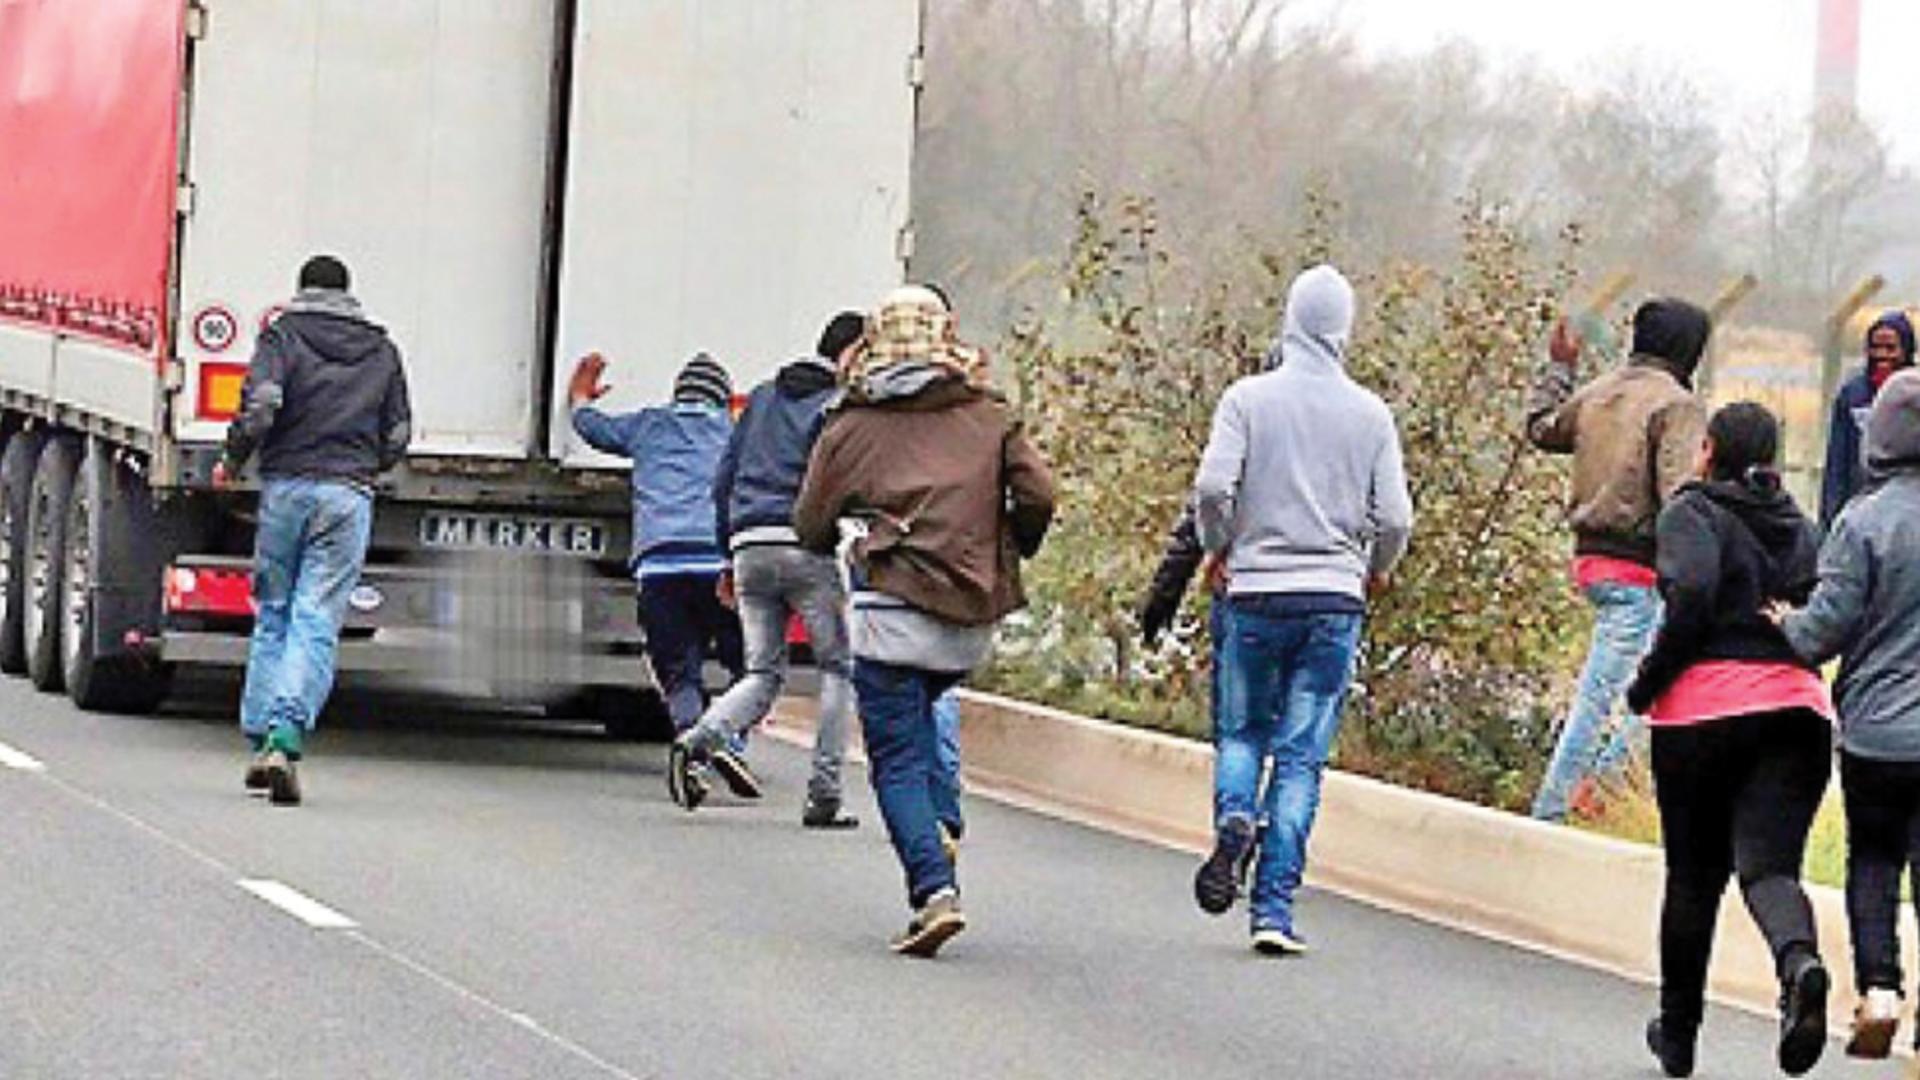 Migranti descoperiți în remorca unui TIR